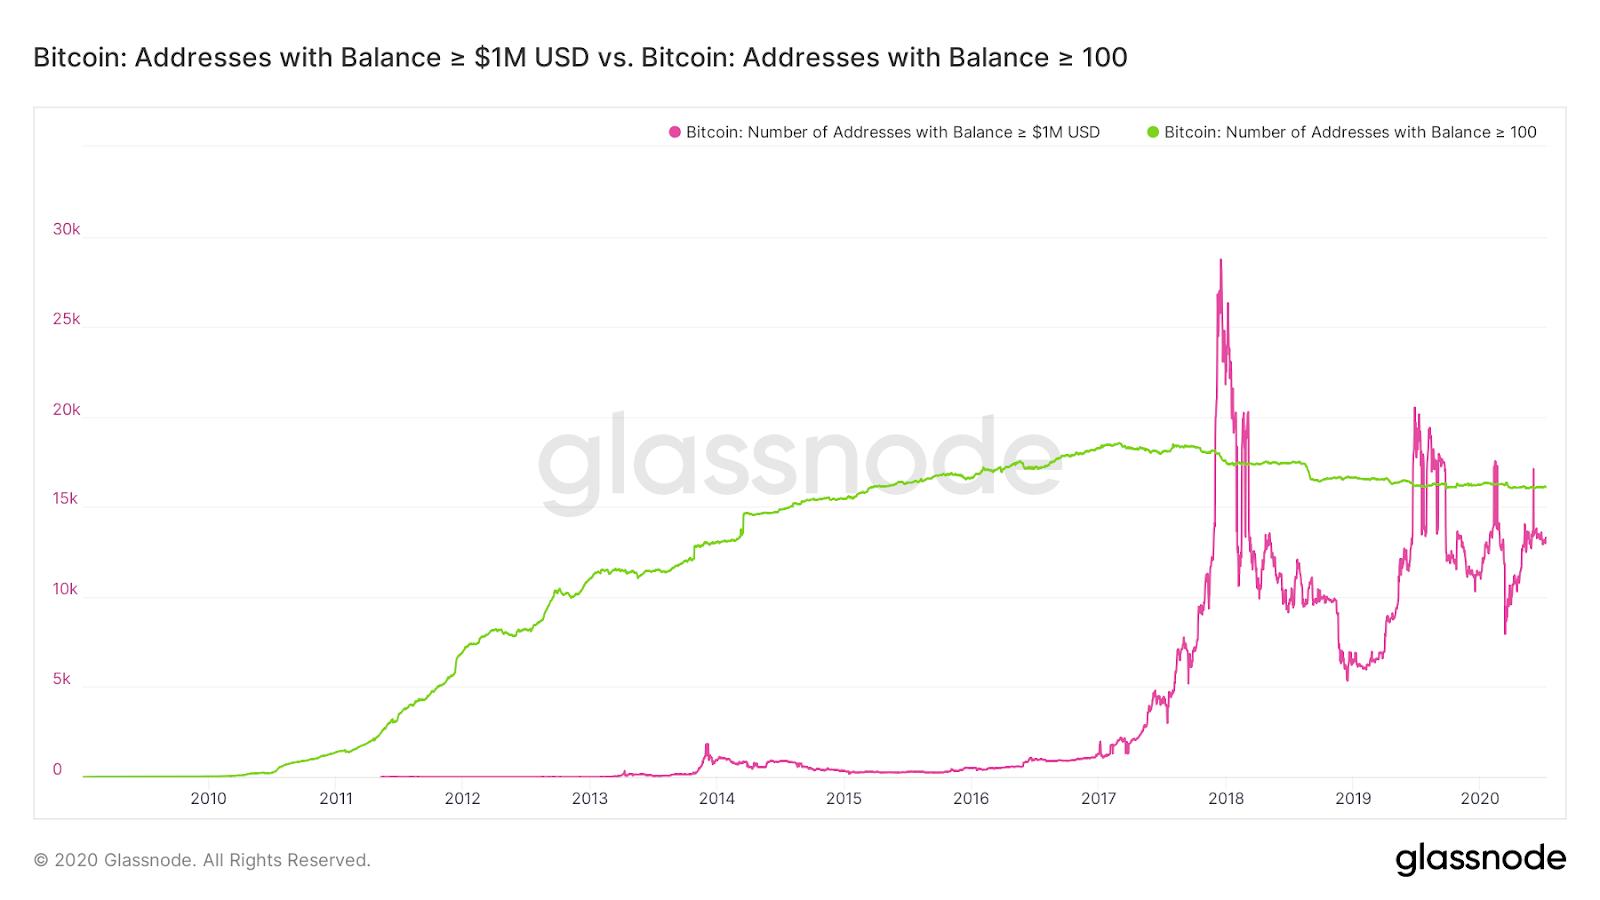 Graphique représentant l'évolution du nombre d'adresses valant 1 million de dollars en bitcoins